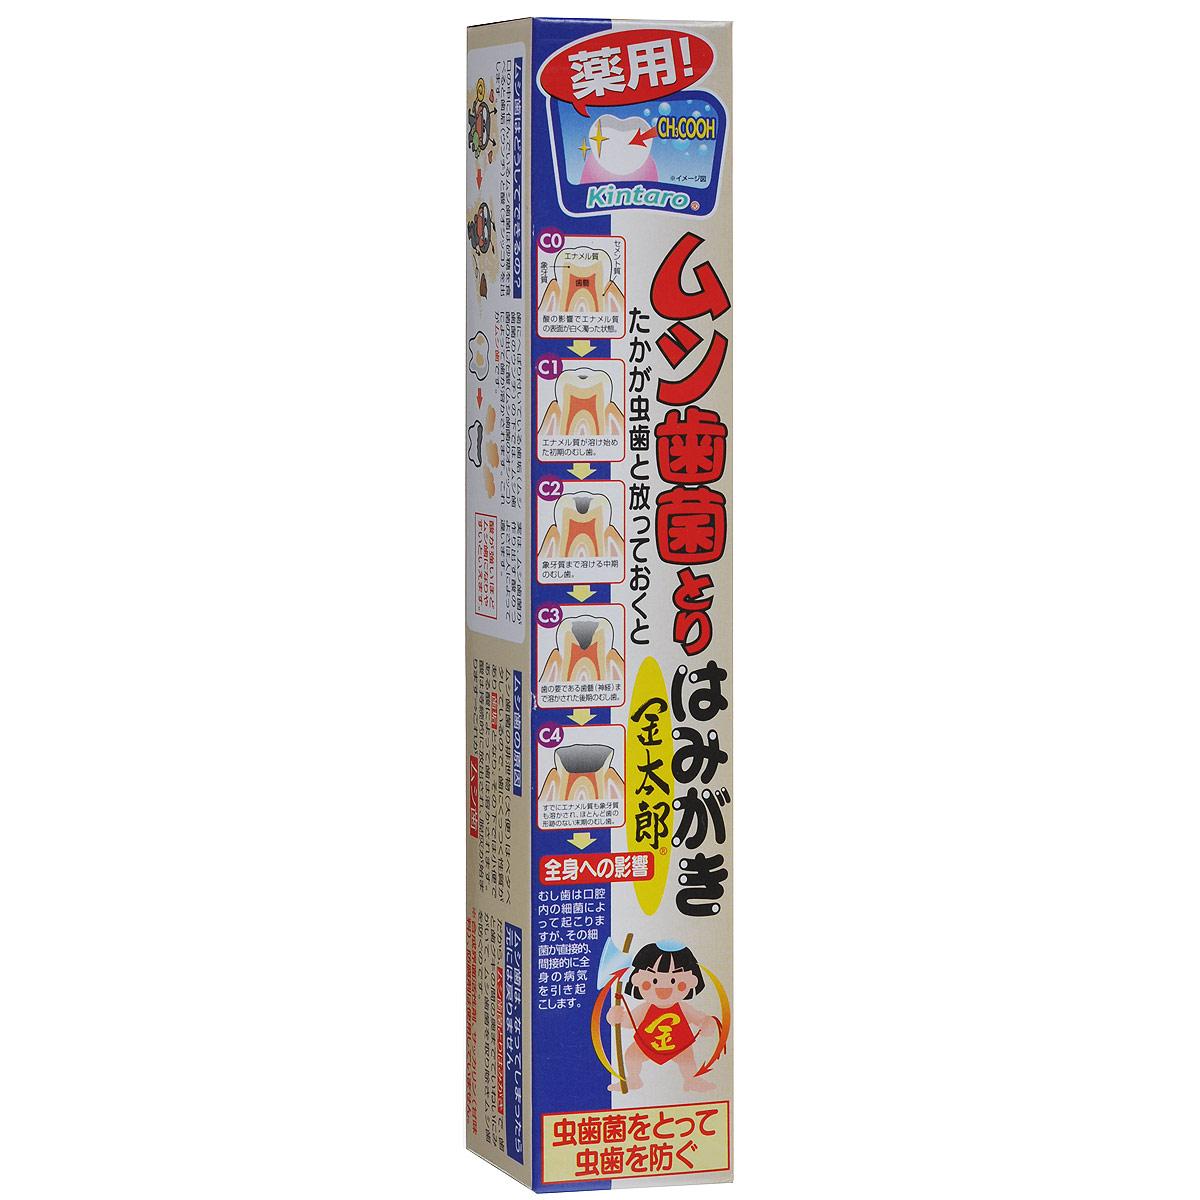 Fudo Kagaku Детская зубная паста Binotomo-Kintoro, освежающая, с маслом японского кипариса, 75 гУТ000048759Зубная паста с содержанием уксусной кислоты великолепно удаляет налет с поверхности зубов, укрепляет зубную эмаль детских зубов и дарит свежесть дыхания.Входящие в состав пасты масло японского киспариса (хинокитиол) и глицерин помогают удерживать влагу в деснах и сохраняют естественный рН баланс. Нежный мятно-фруктовый вкус сделает процесс очищения зубов более приятным для детей.Продукт не содержит синтетических ПАВ, консервантов и сахарина. Безопасна при проглатывании.Товар сертифицирован.